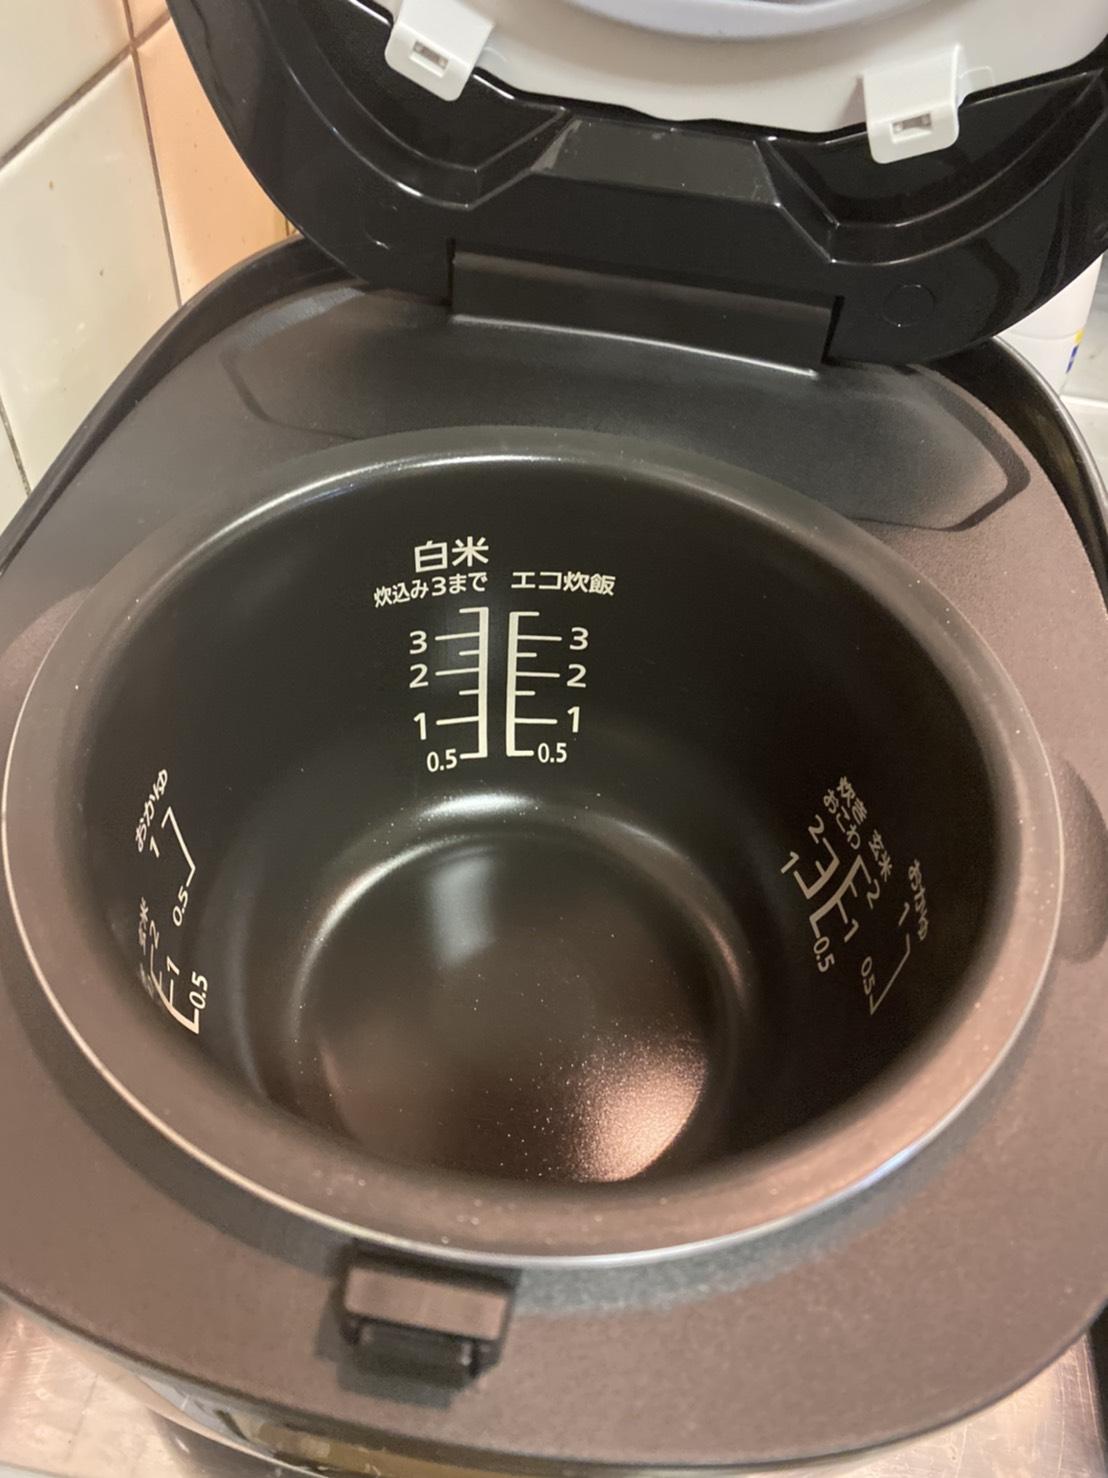 新しい炊飯器の中身